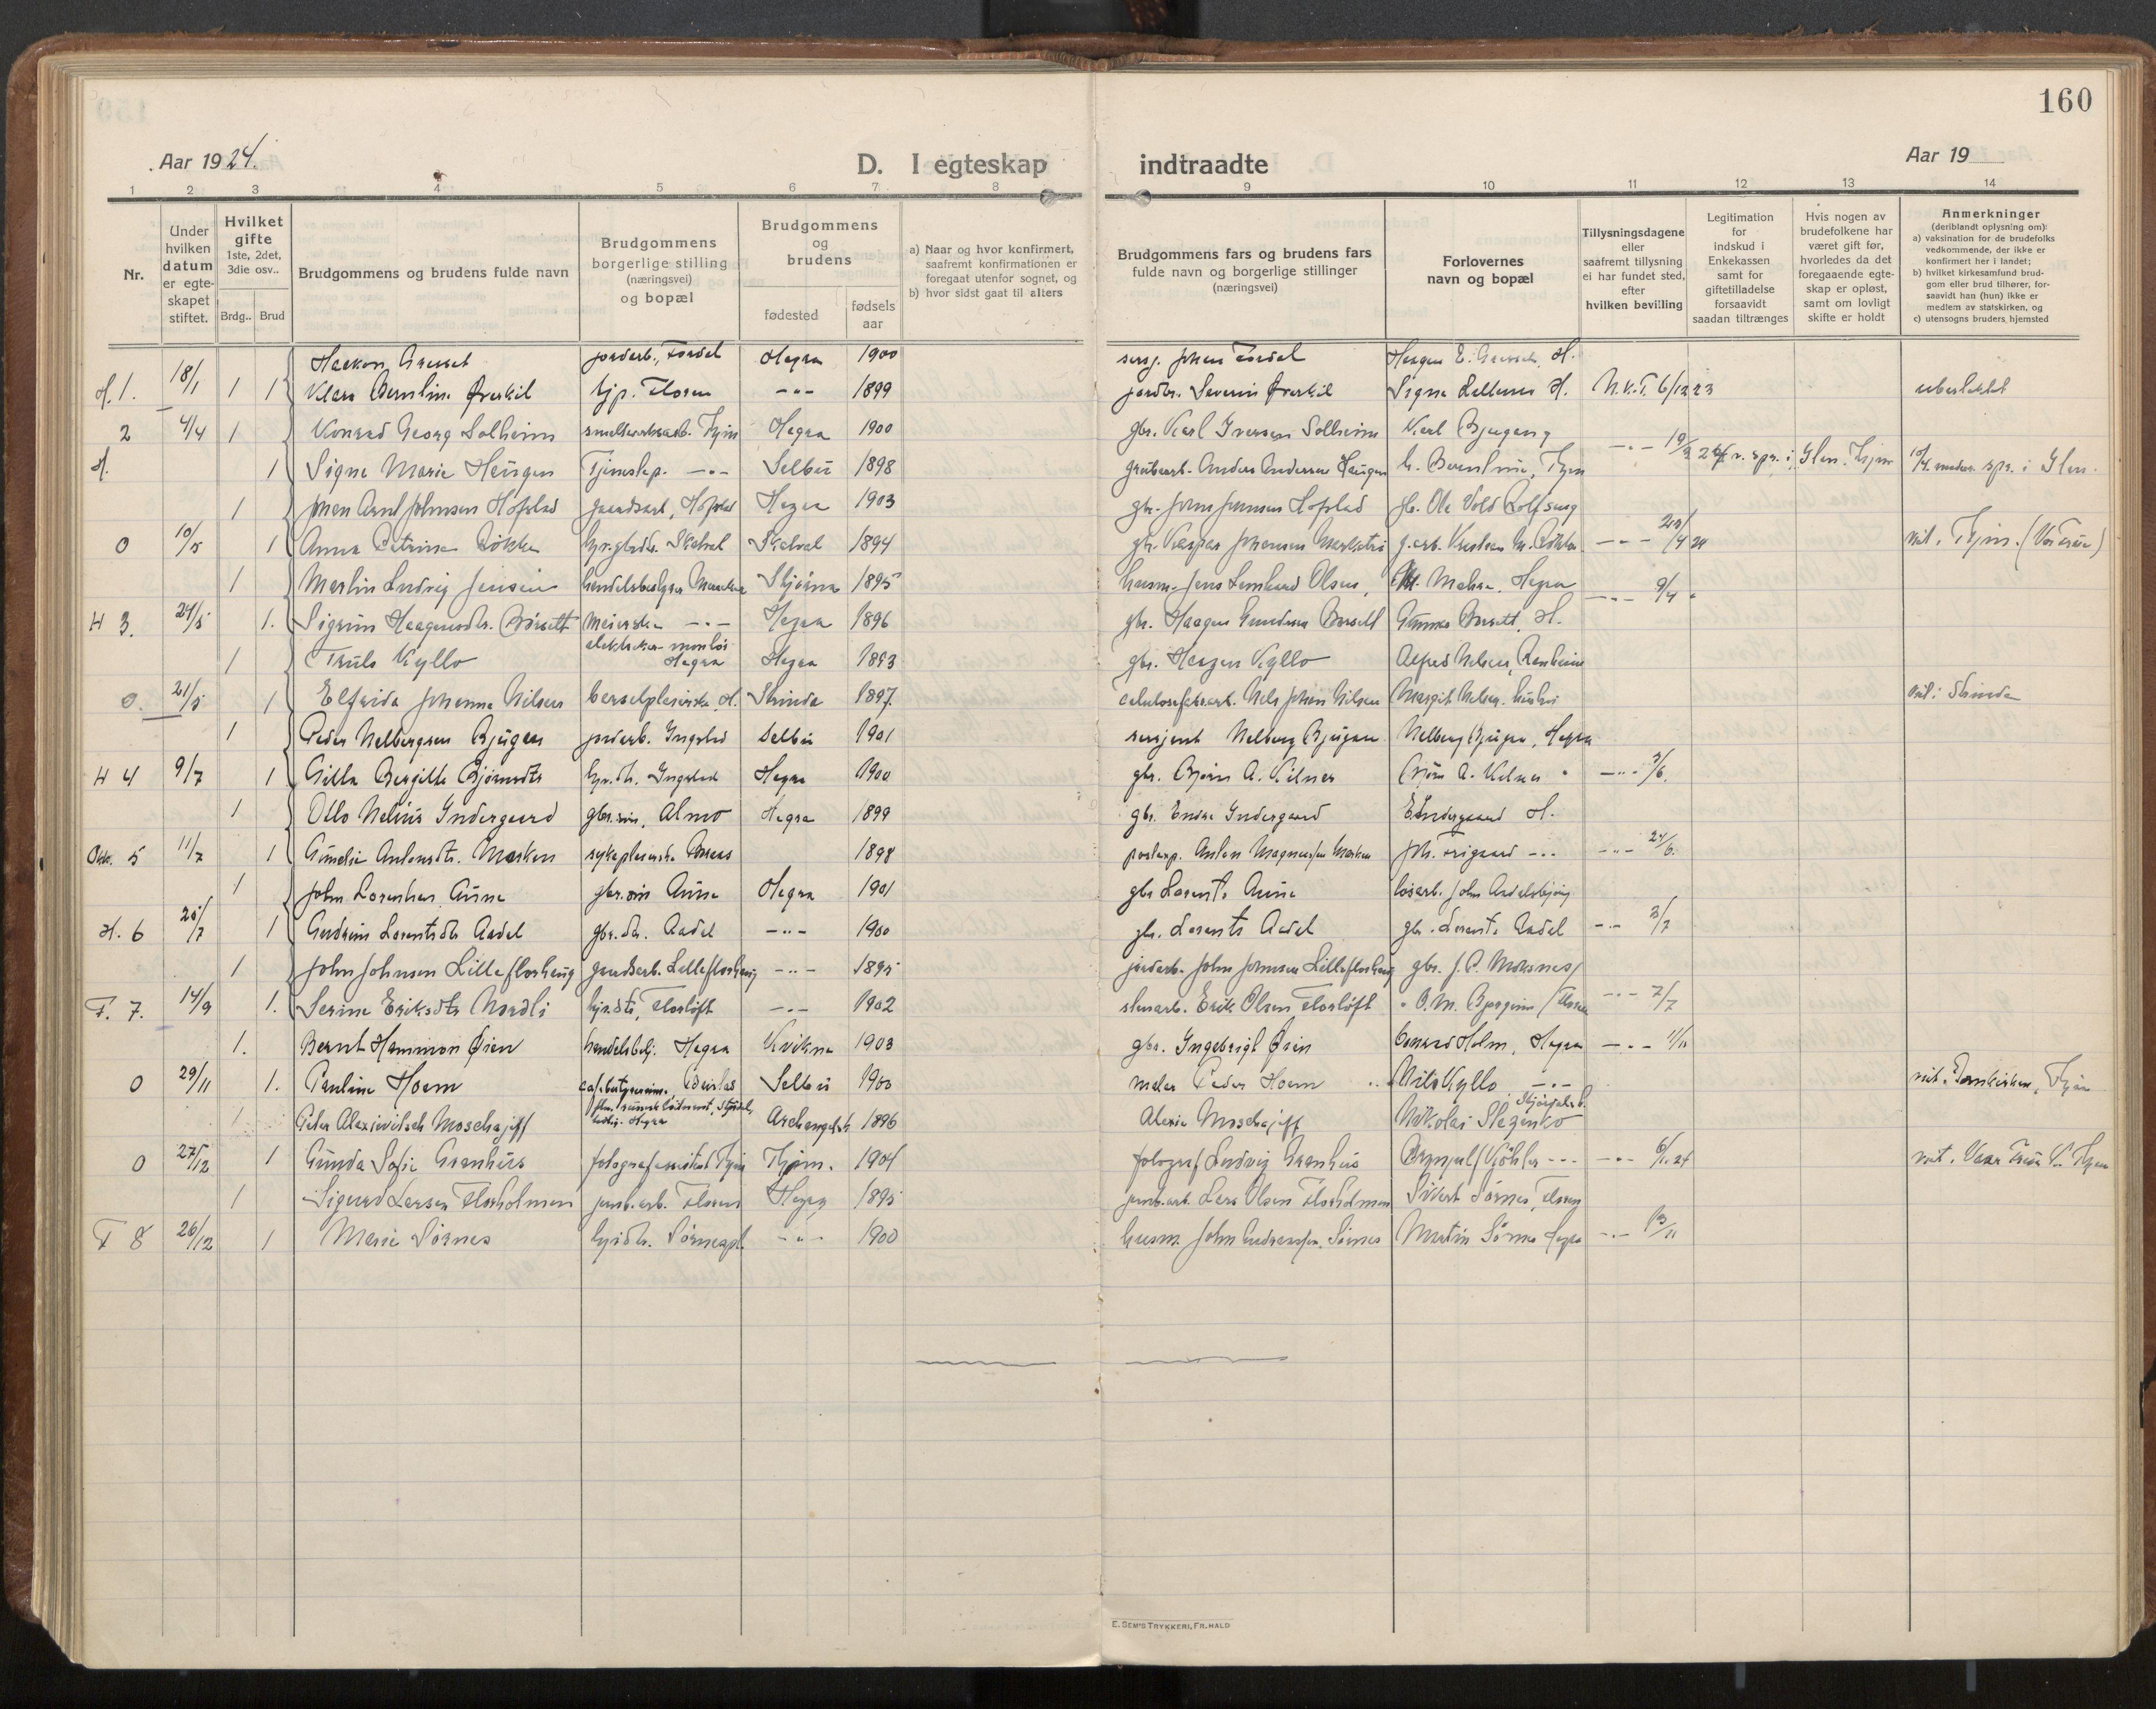 SAT, Ministerialprotokoller, klokkerbøker og fødselsregistre - Nord-Trøndelag, 703/L0037: Parish register (official) no. 703A10, 1915-1932, p. 160